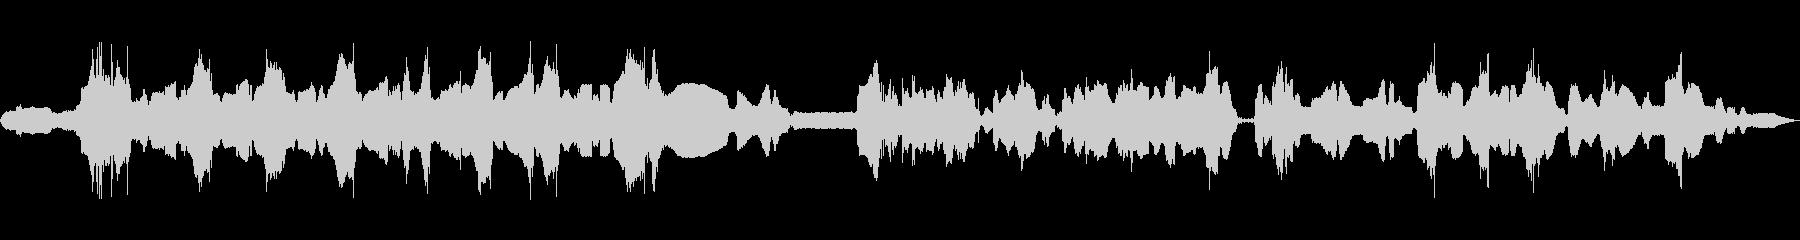 Eclipseオンボード-エンジン...の未再生の波形